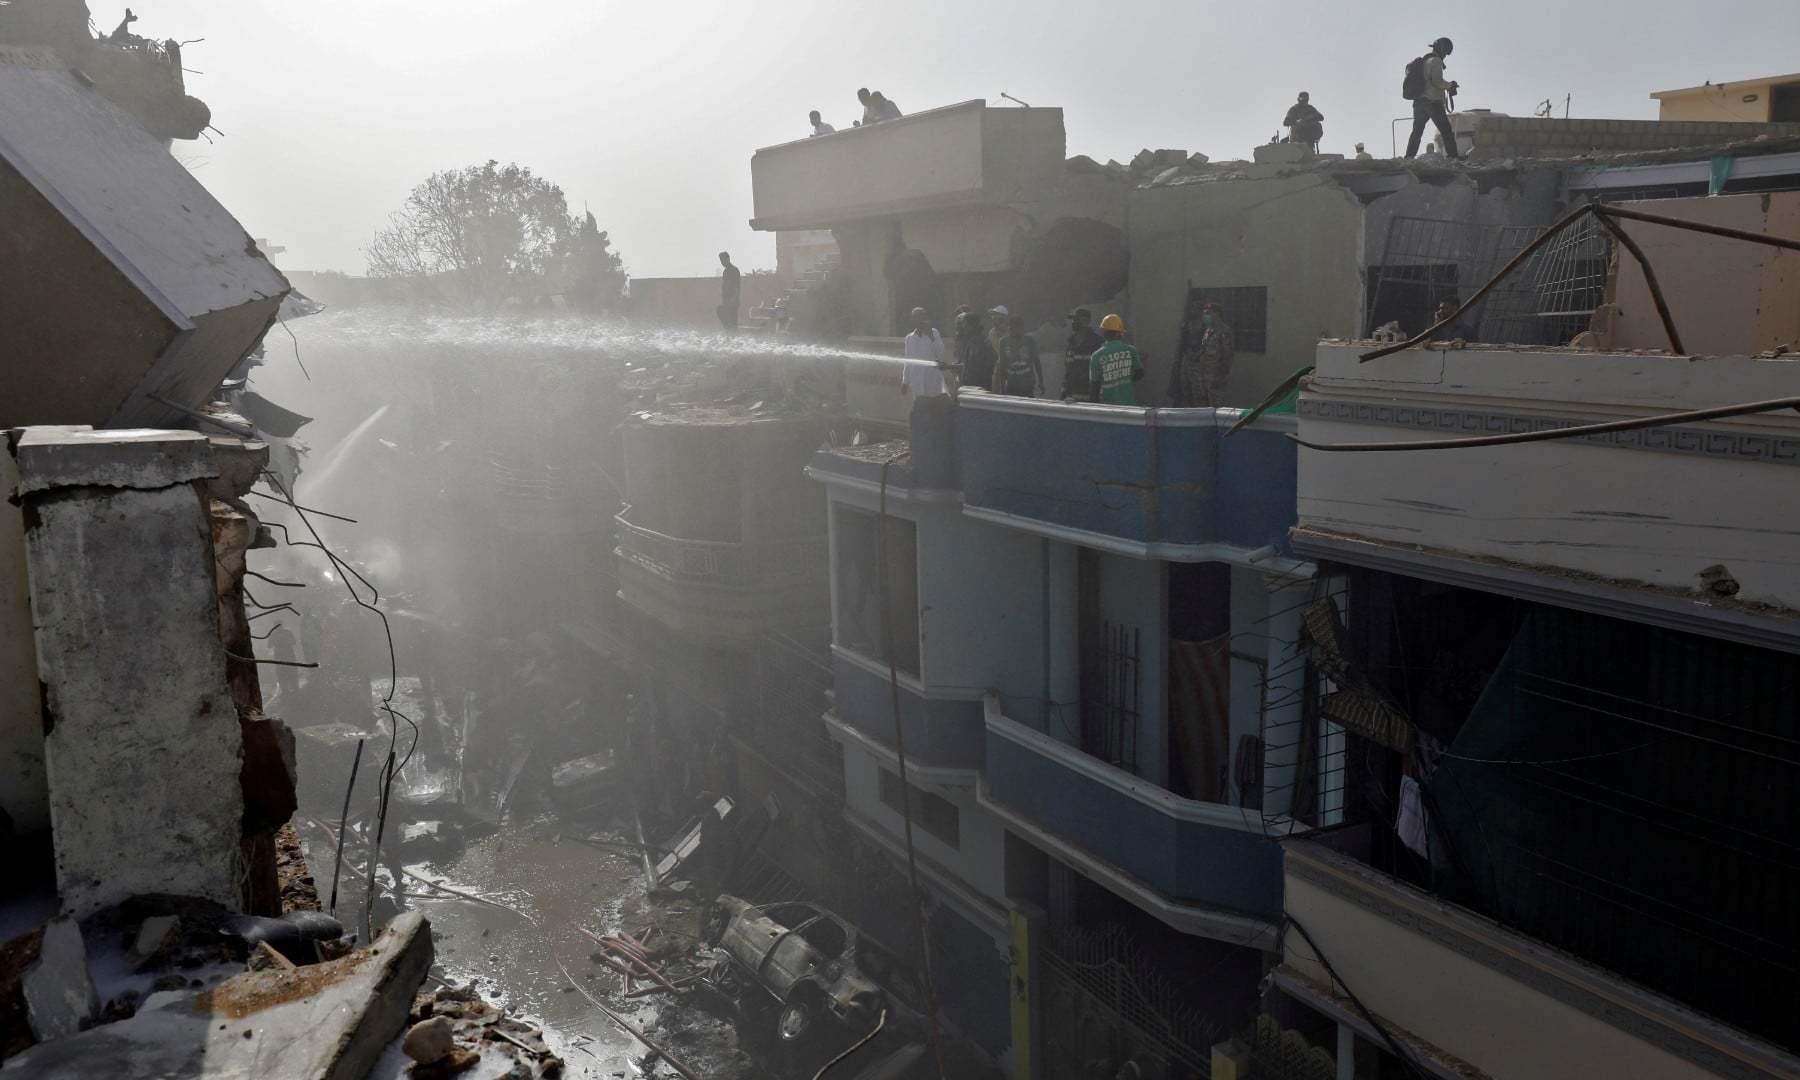 حادثے کے نتیجے میں گھروں کو بھی آگ لگی—رائٹرز